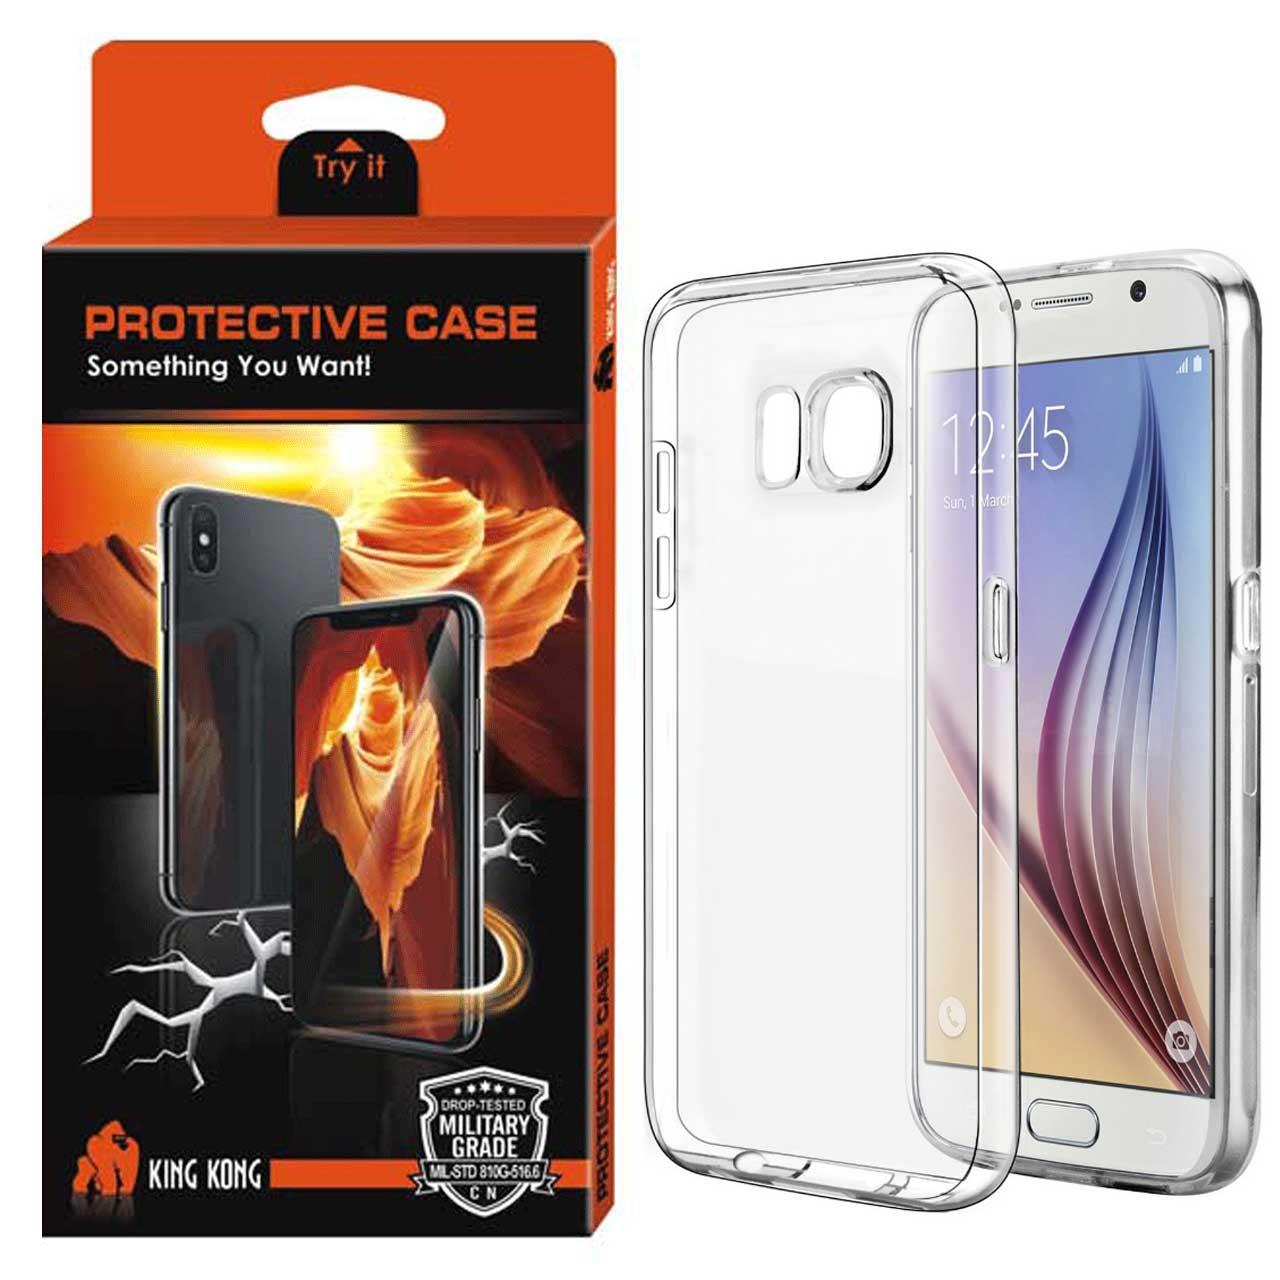 کاور کینگ کونگ مدل Protective TPU  مناسب برای گوشی سامسونگ گلکسی S7